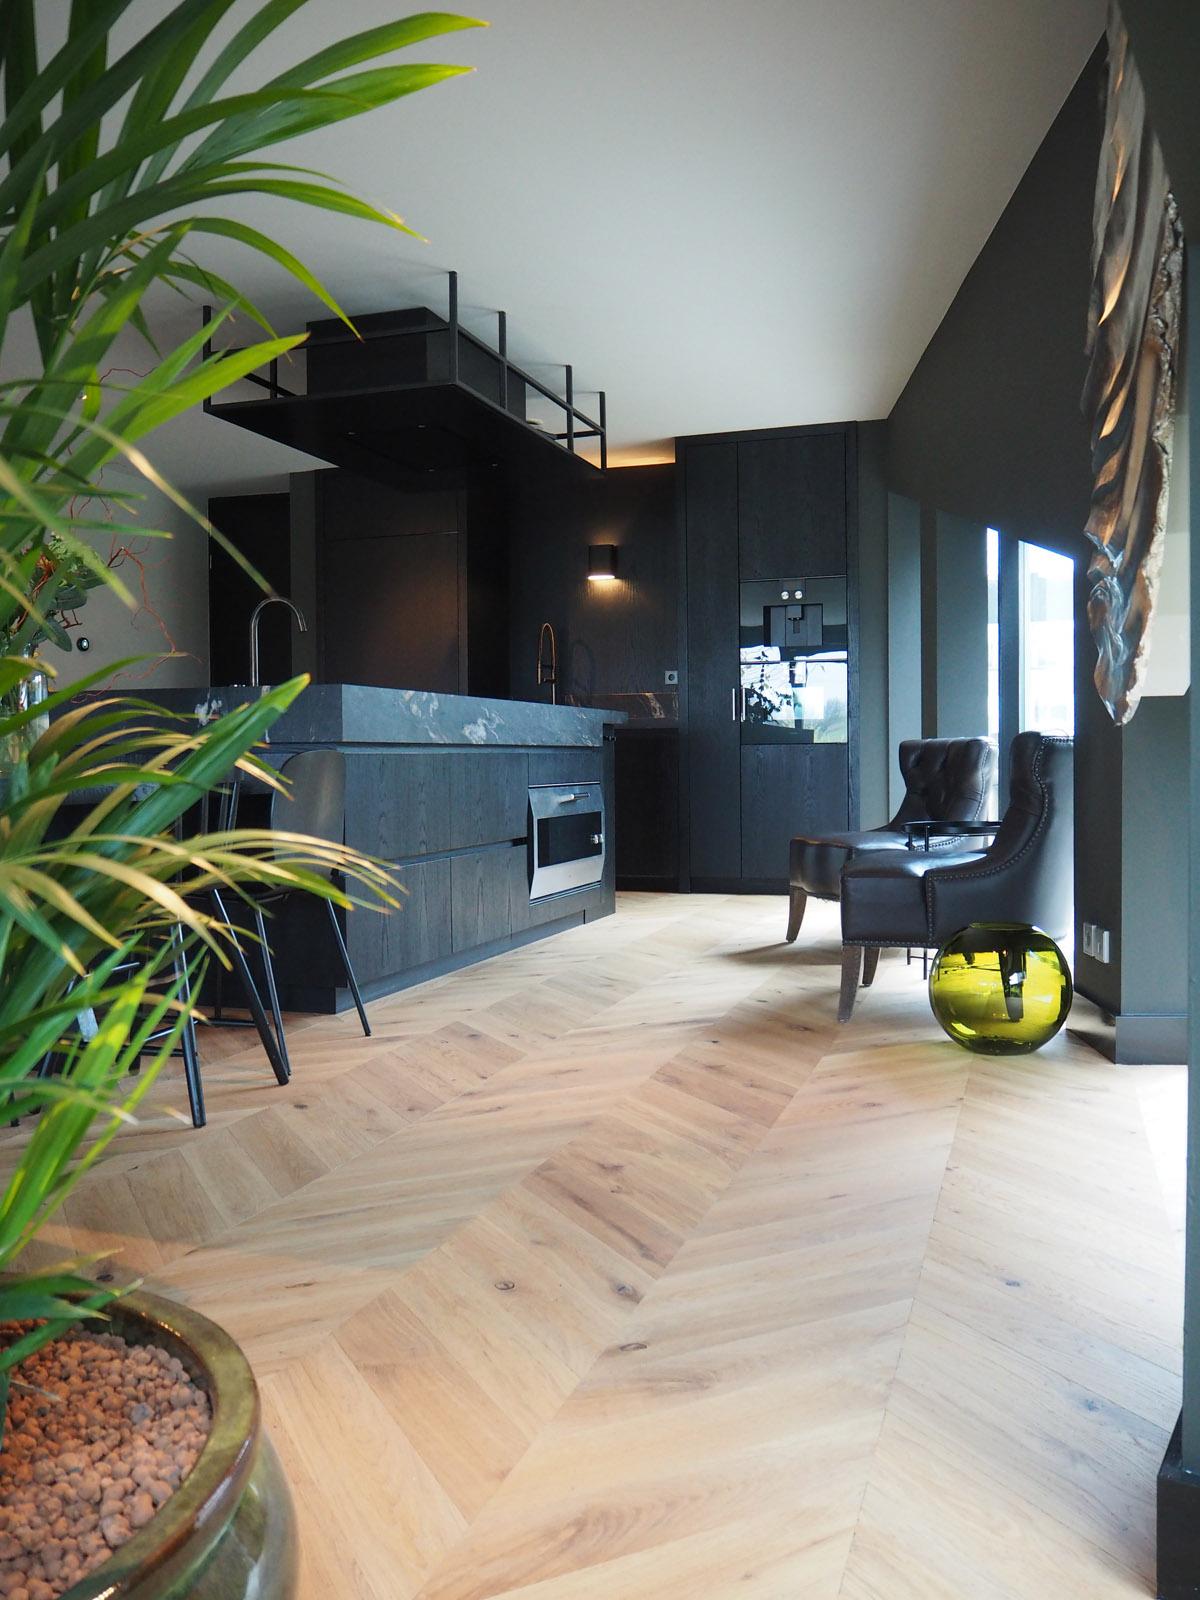 jeroen_de_nijs_ijburg_marble_kitchen_gaggenau_atag_oak